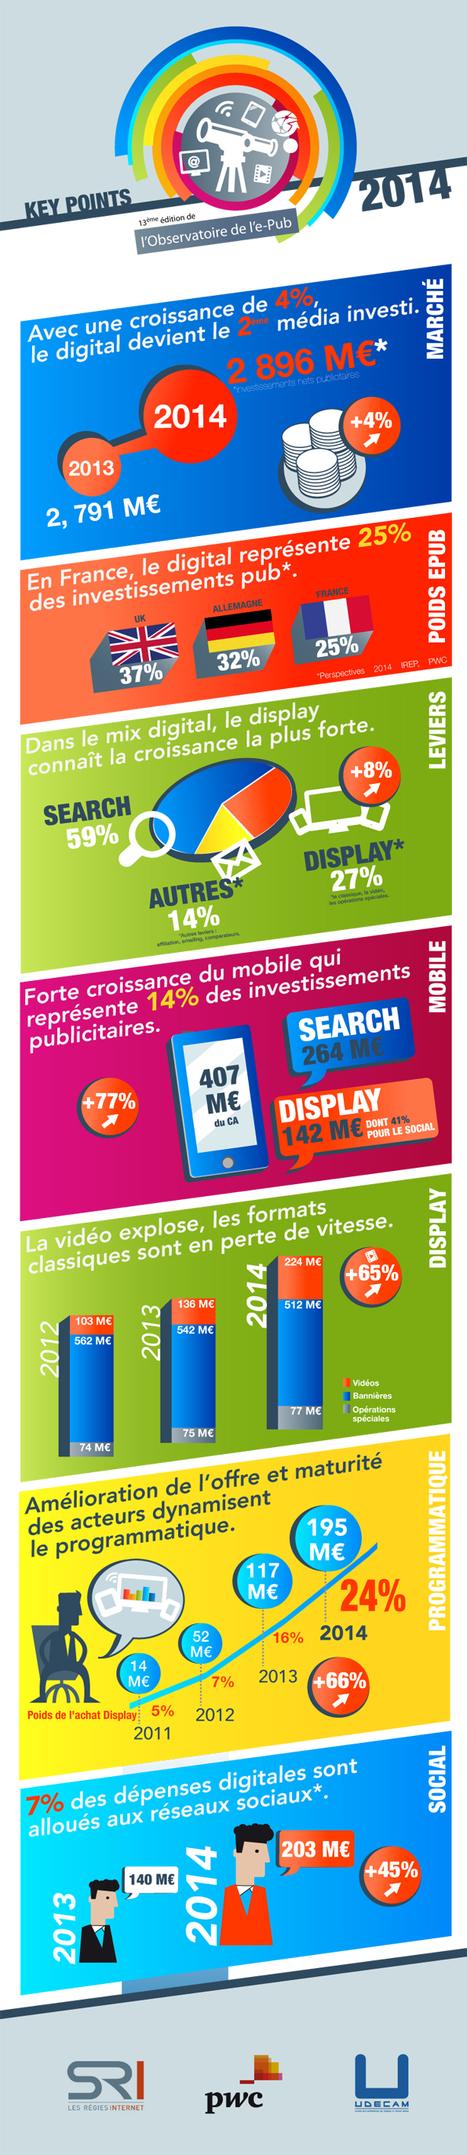 Observatoire ePub 2014 : Le search et toutes les composantes non classiques du display génèrent une croissance de +4% [infographie] Offremedia | Big Media (En & Fr) | Scoop.it